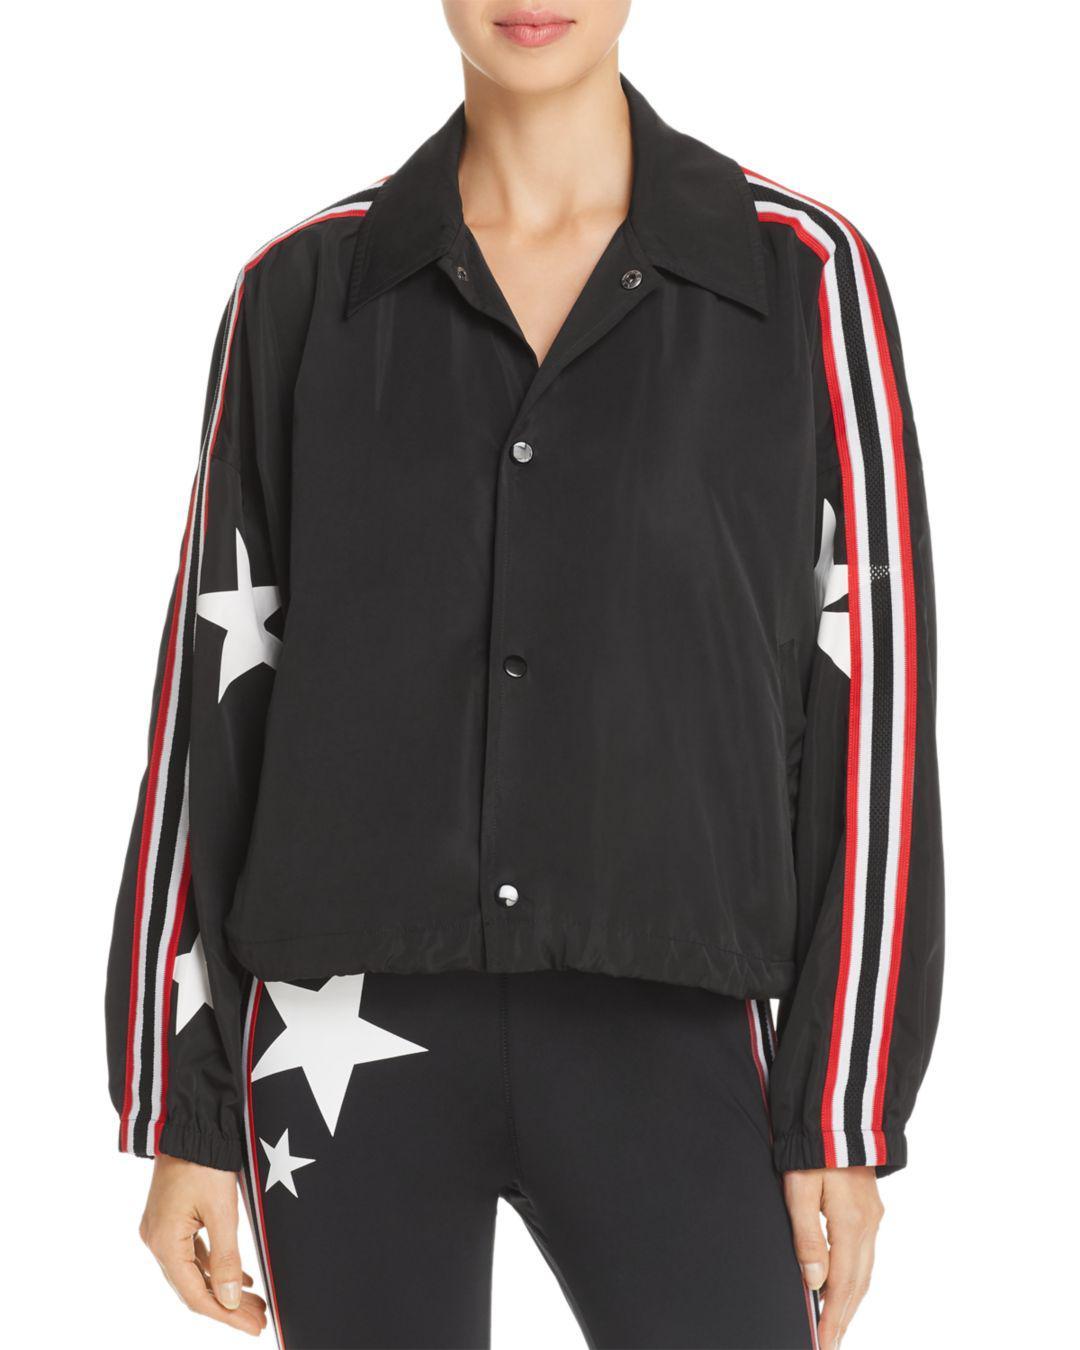 Lyst - Pam   Gela Star Track Jacket in Black 58847c622bfc5